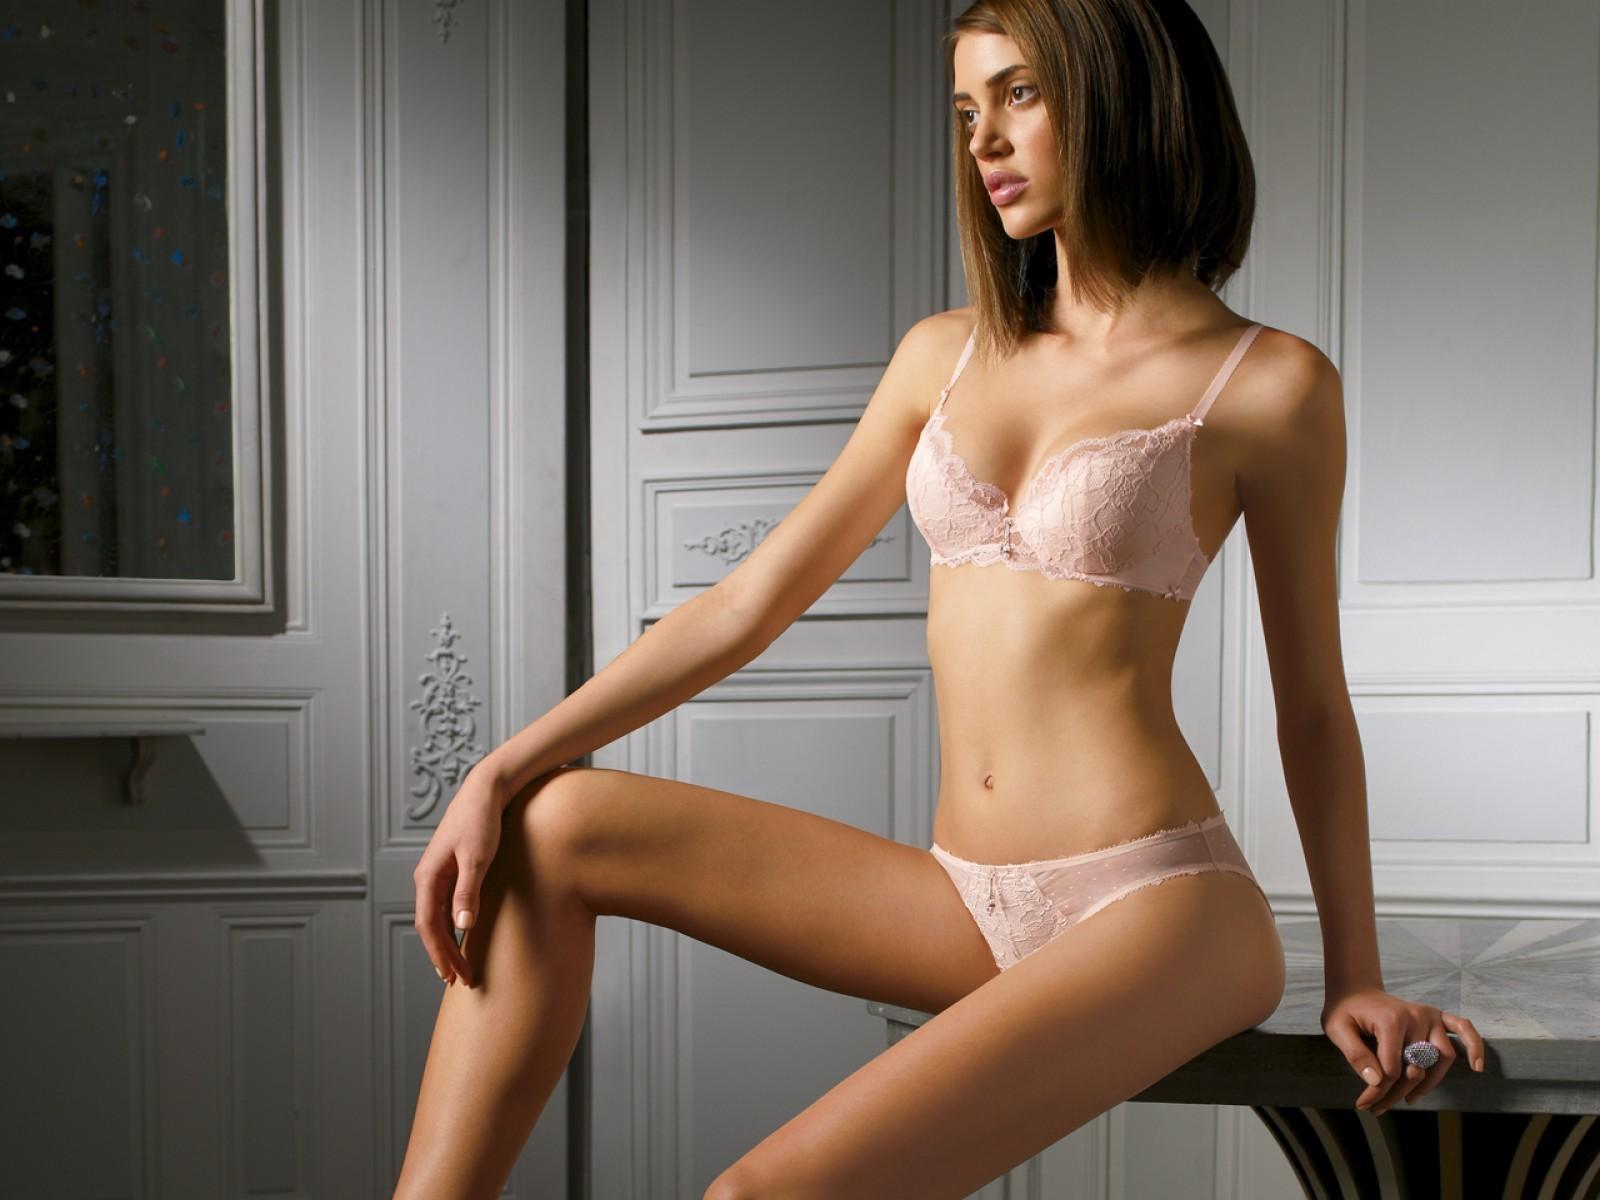 Стройная грудь у девушек в нижнем белье — photo 2